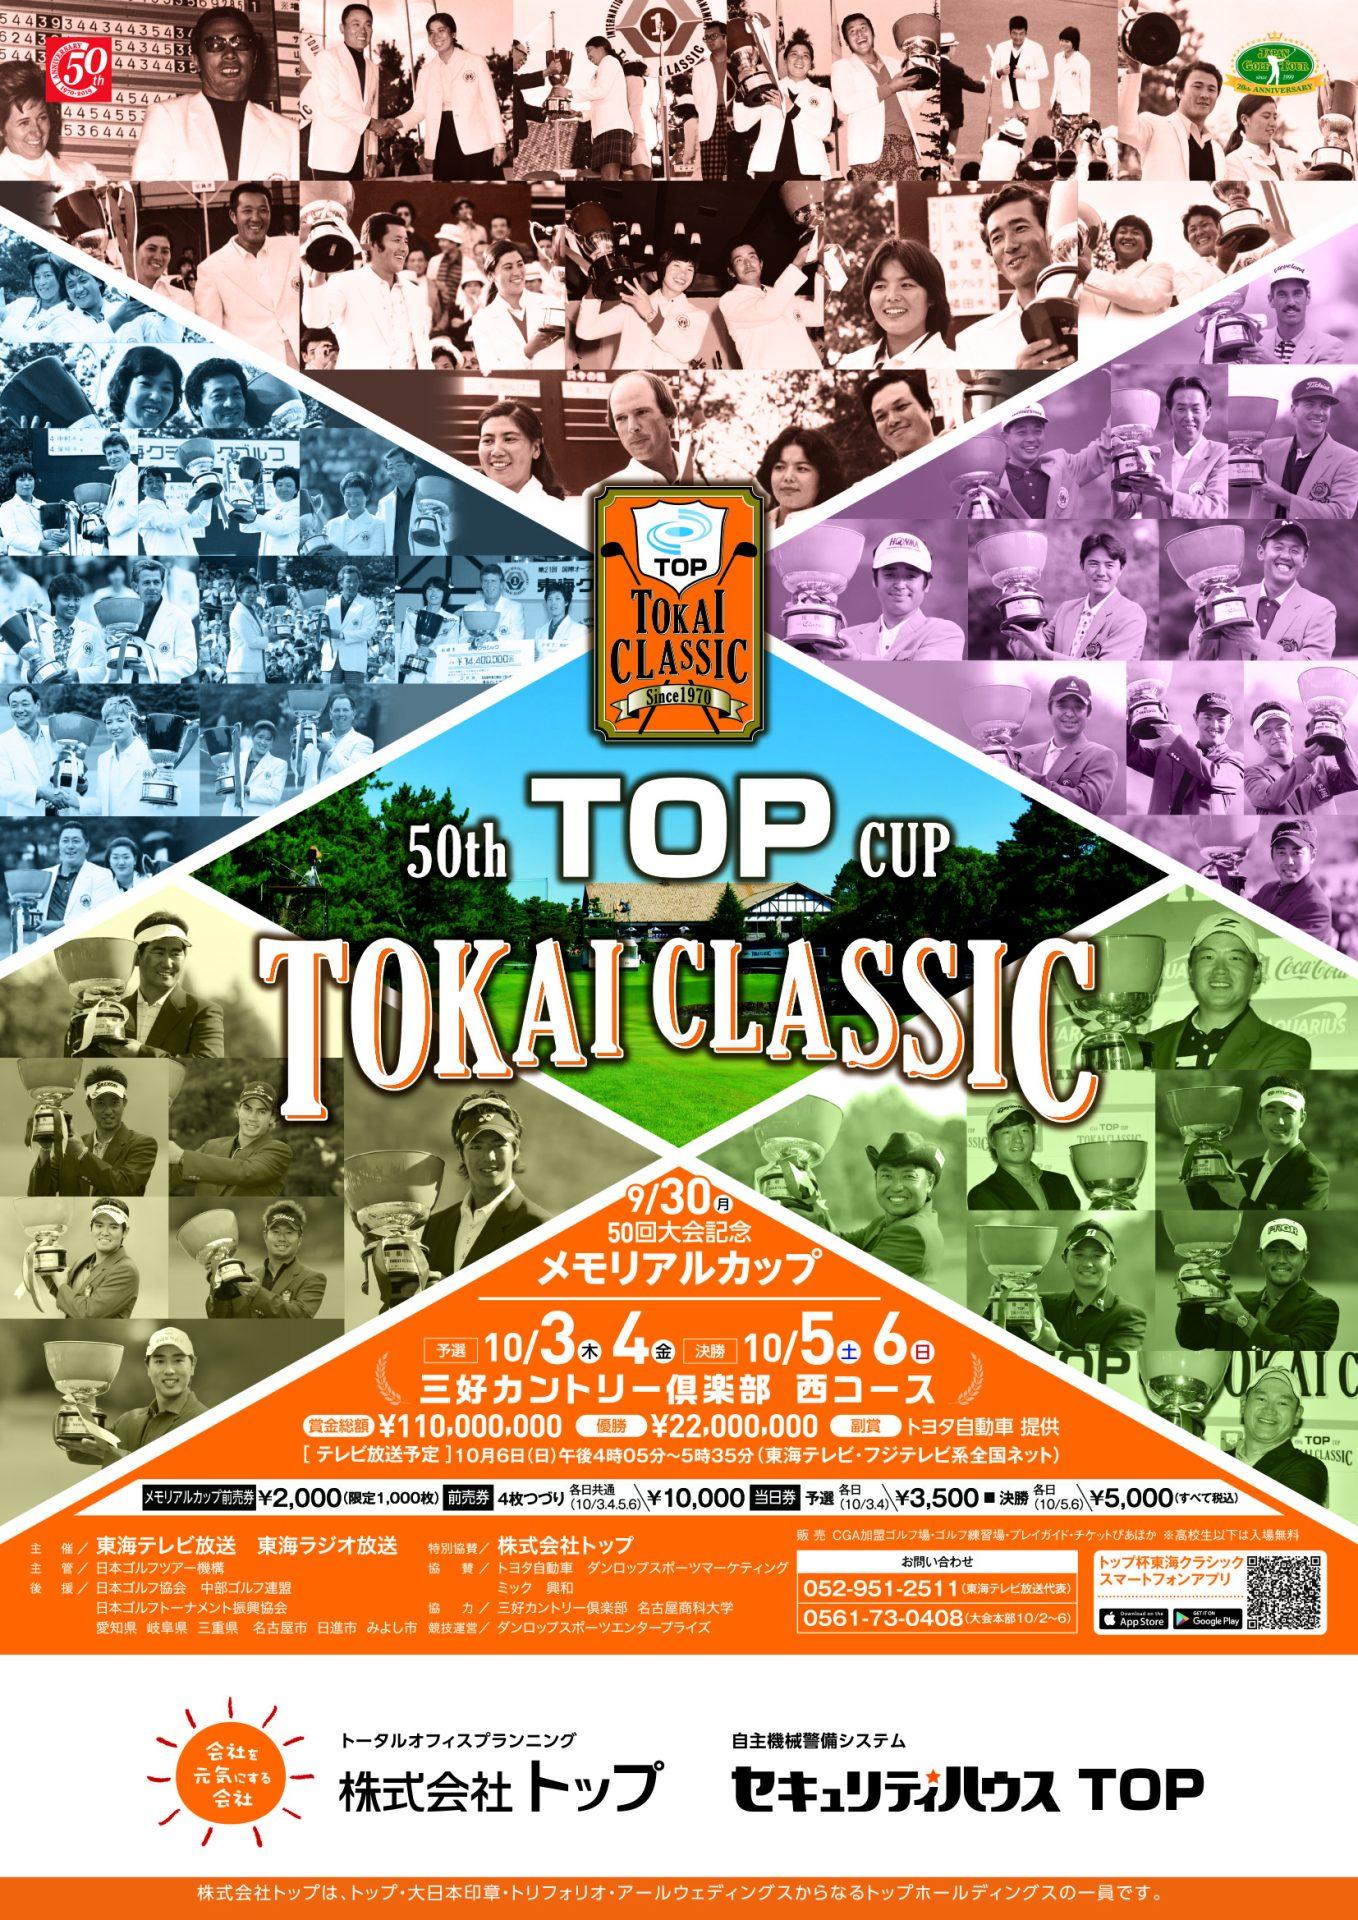 トップ 杯 東海 クラシック 2019